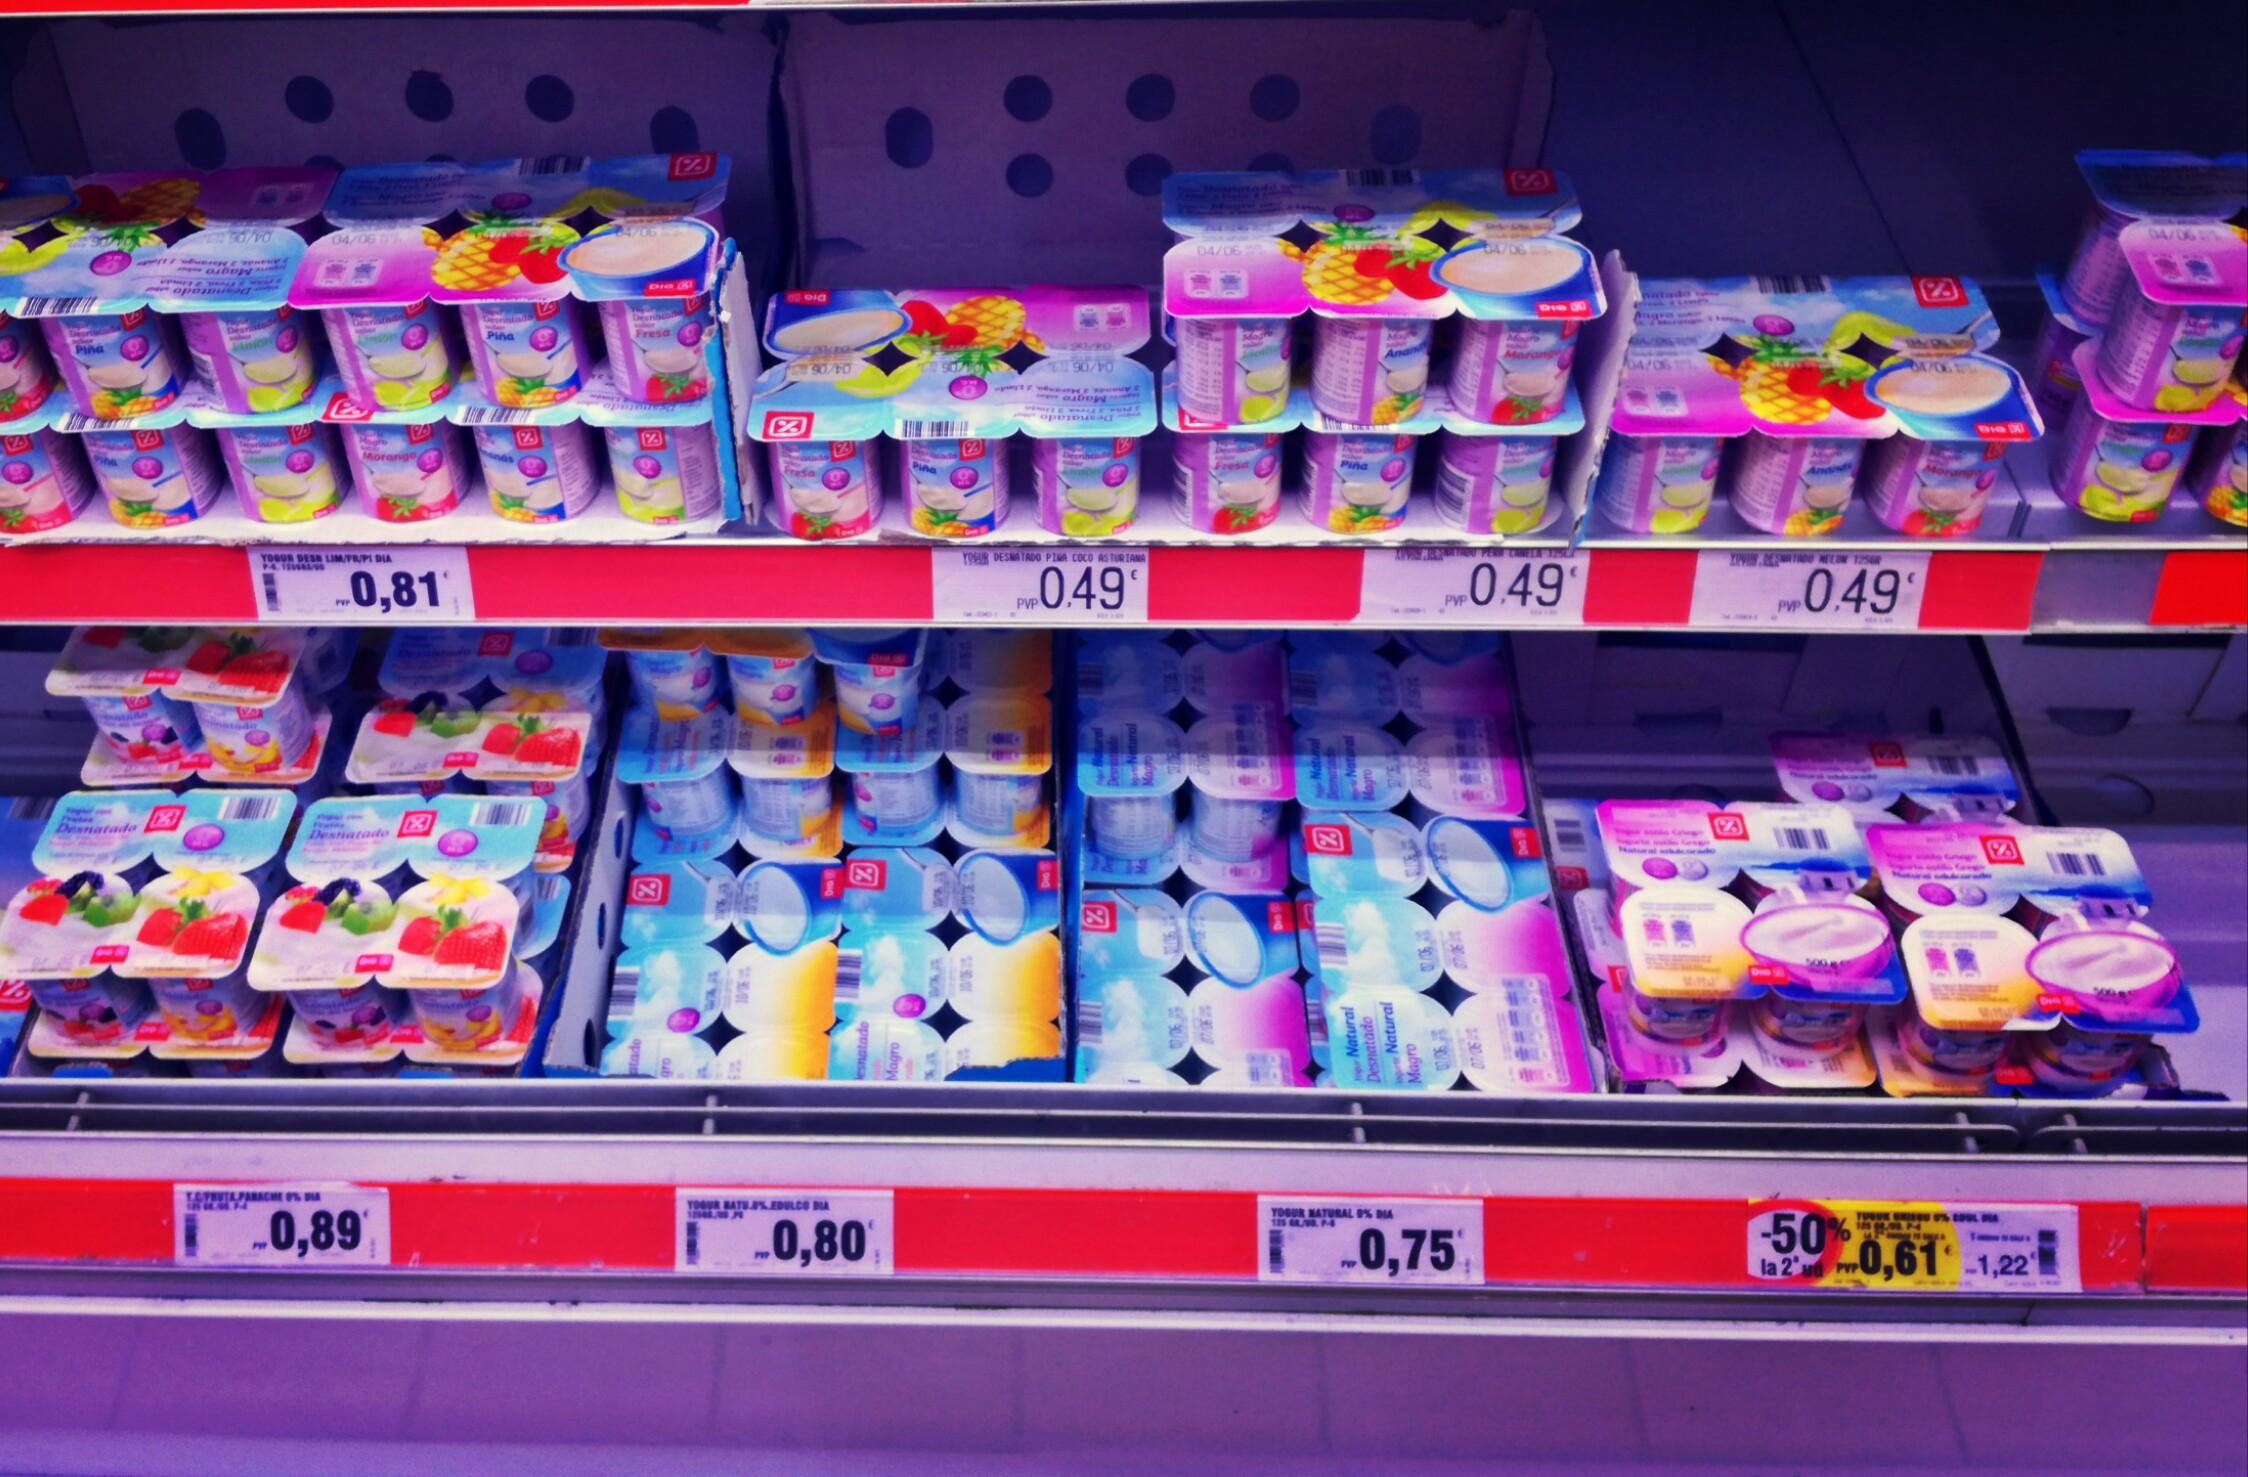 Joghurtot általában négyes-hatos csomagban lehet csak vásárolni.